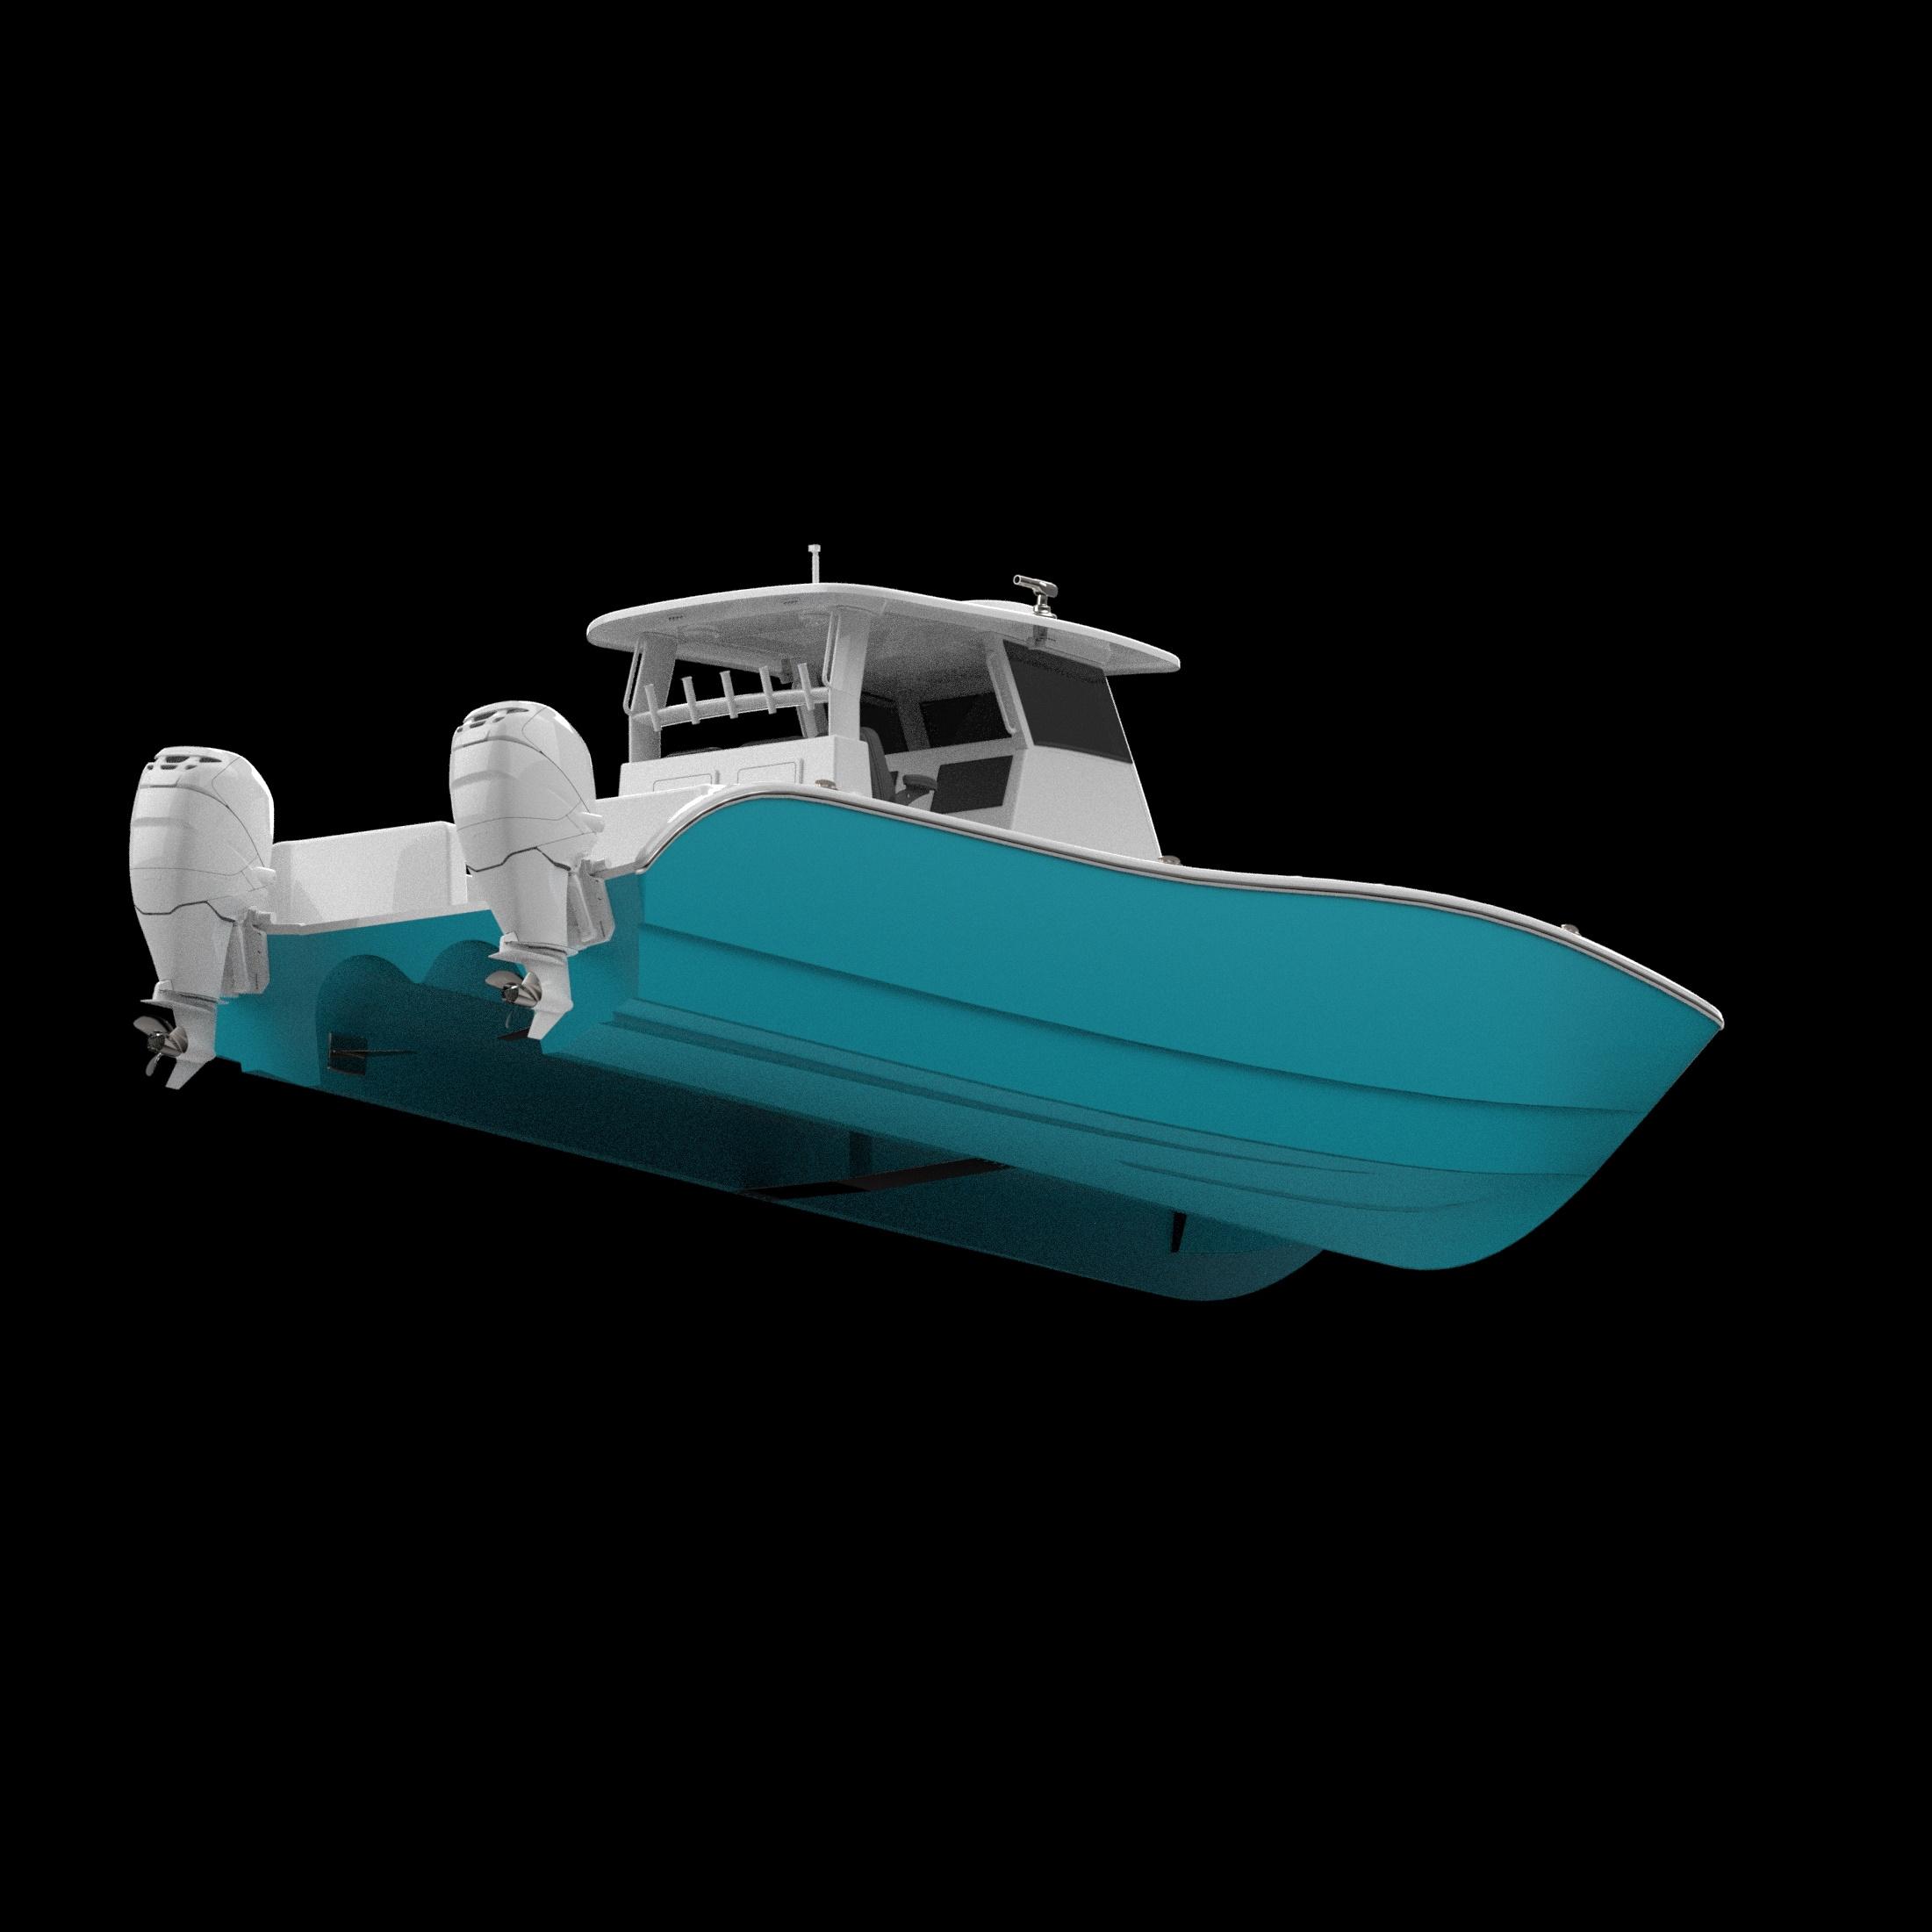 Shows the Internal Foil Catamaran